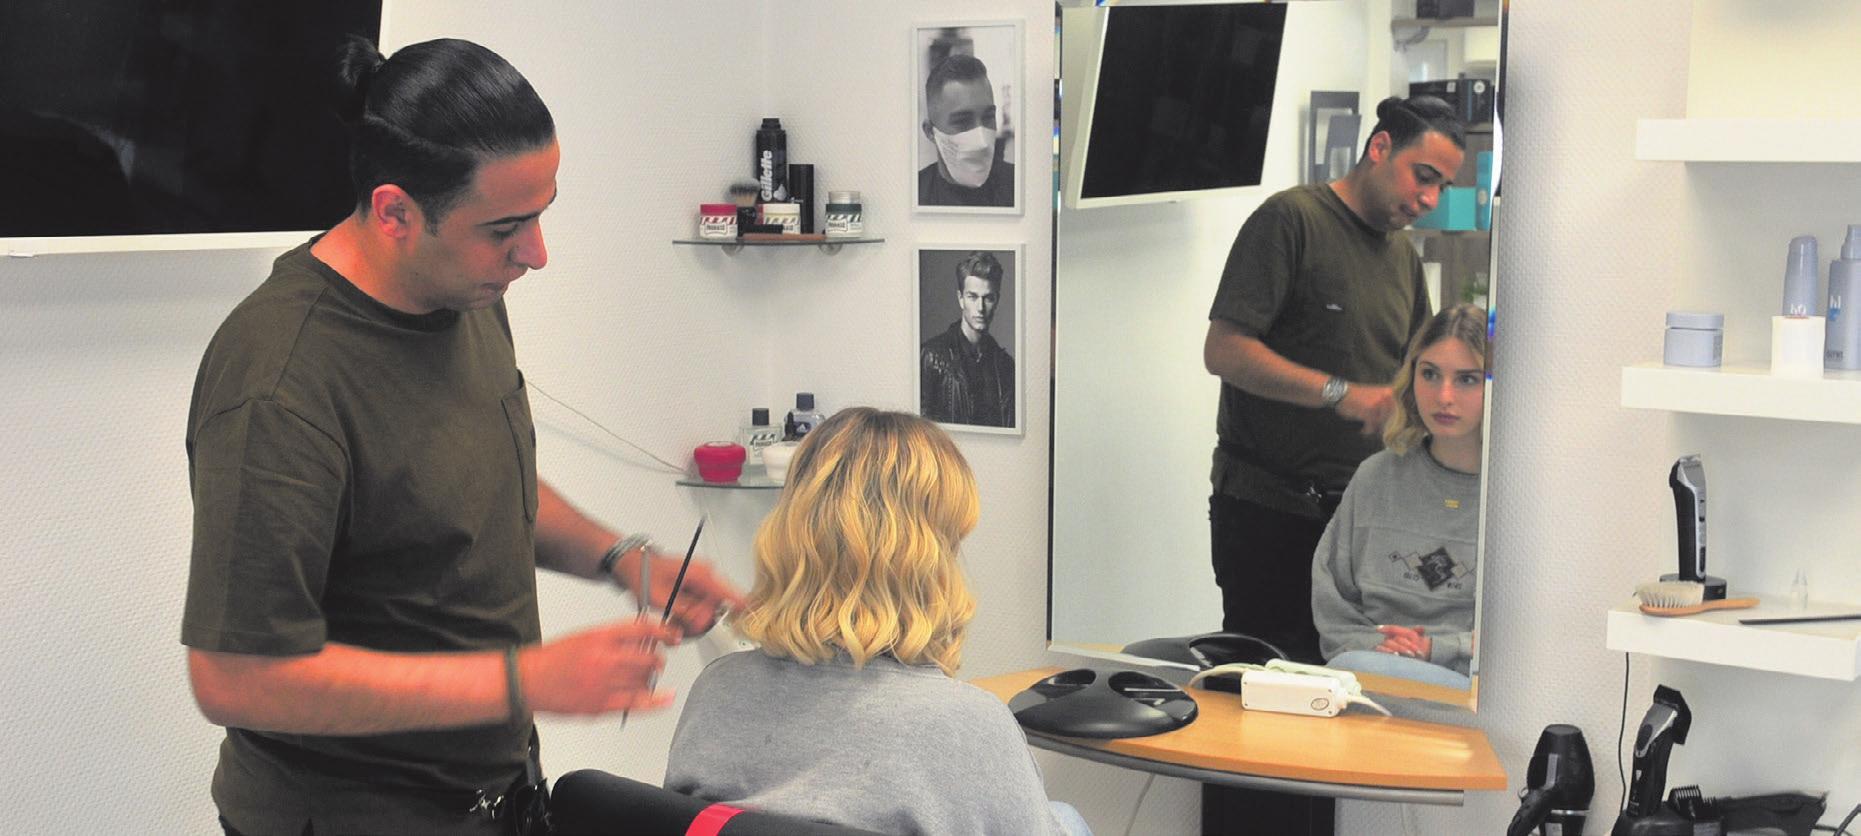 Mohassad Slemaui im Friseur-Salon in Ulm/Sö ingen mit einem seiner Models – immer mit voller Einsatzfreude.